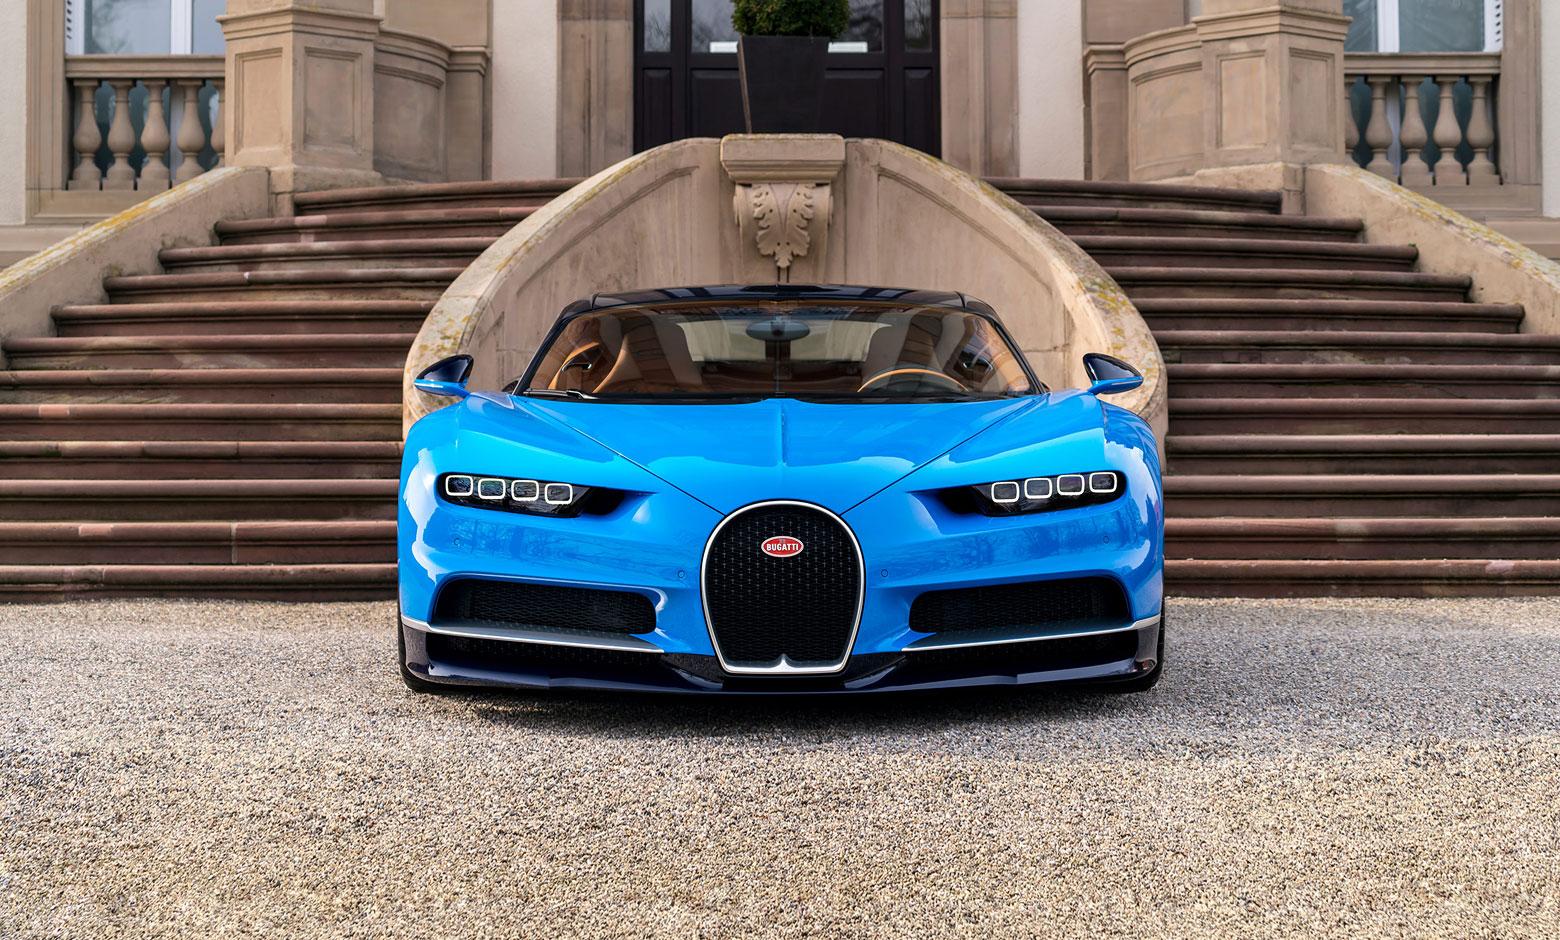 1 Άκου τα 1500 άλογα και θαύμασε την Bugatti Chiron Bugatti, Bugatti Chiron, Car sound, hypercar, supercars, top speed, videos